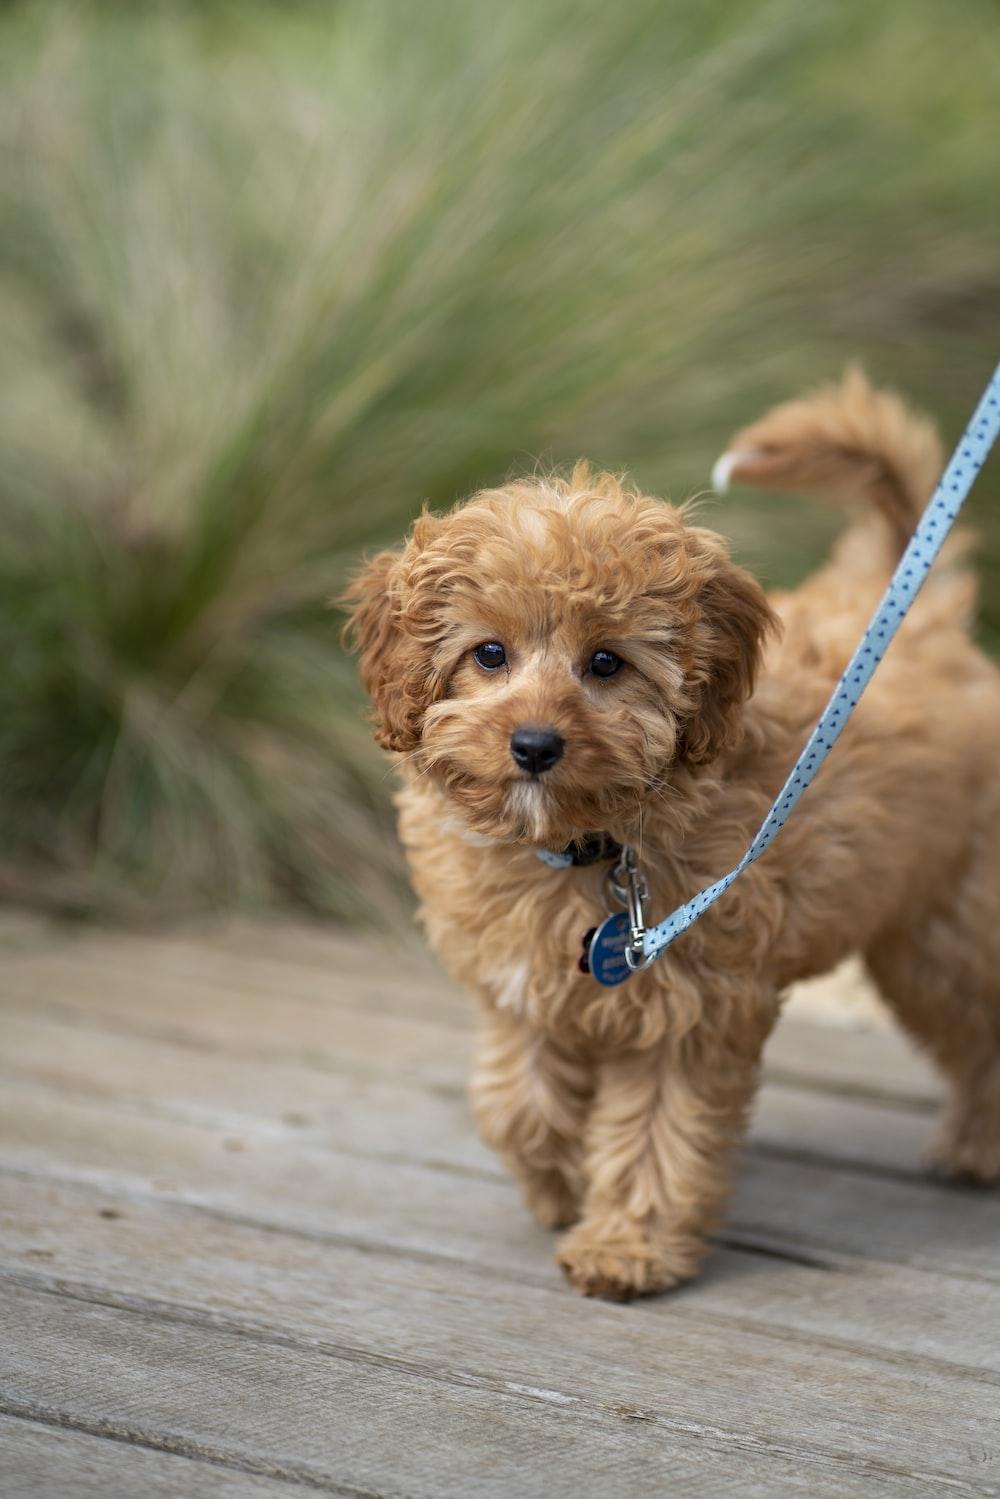 short-coated brown dog near grass